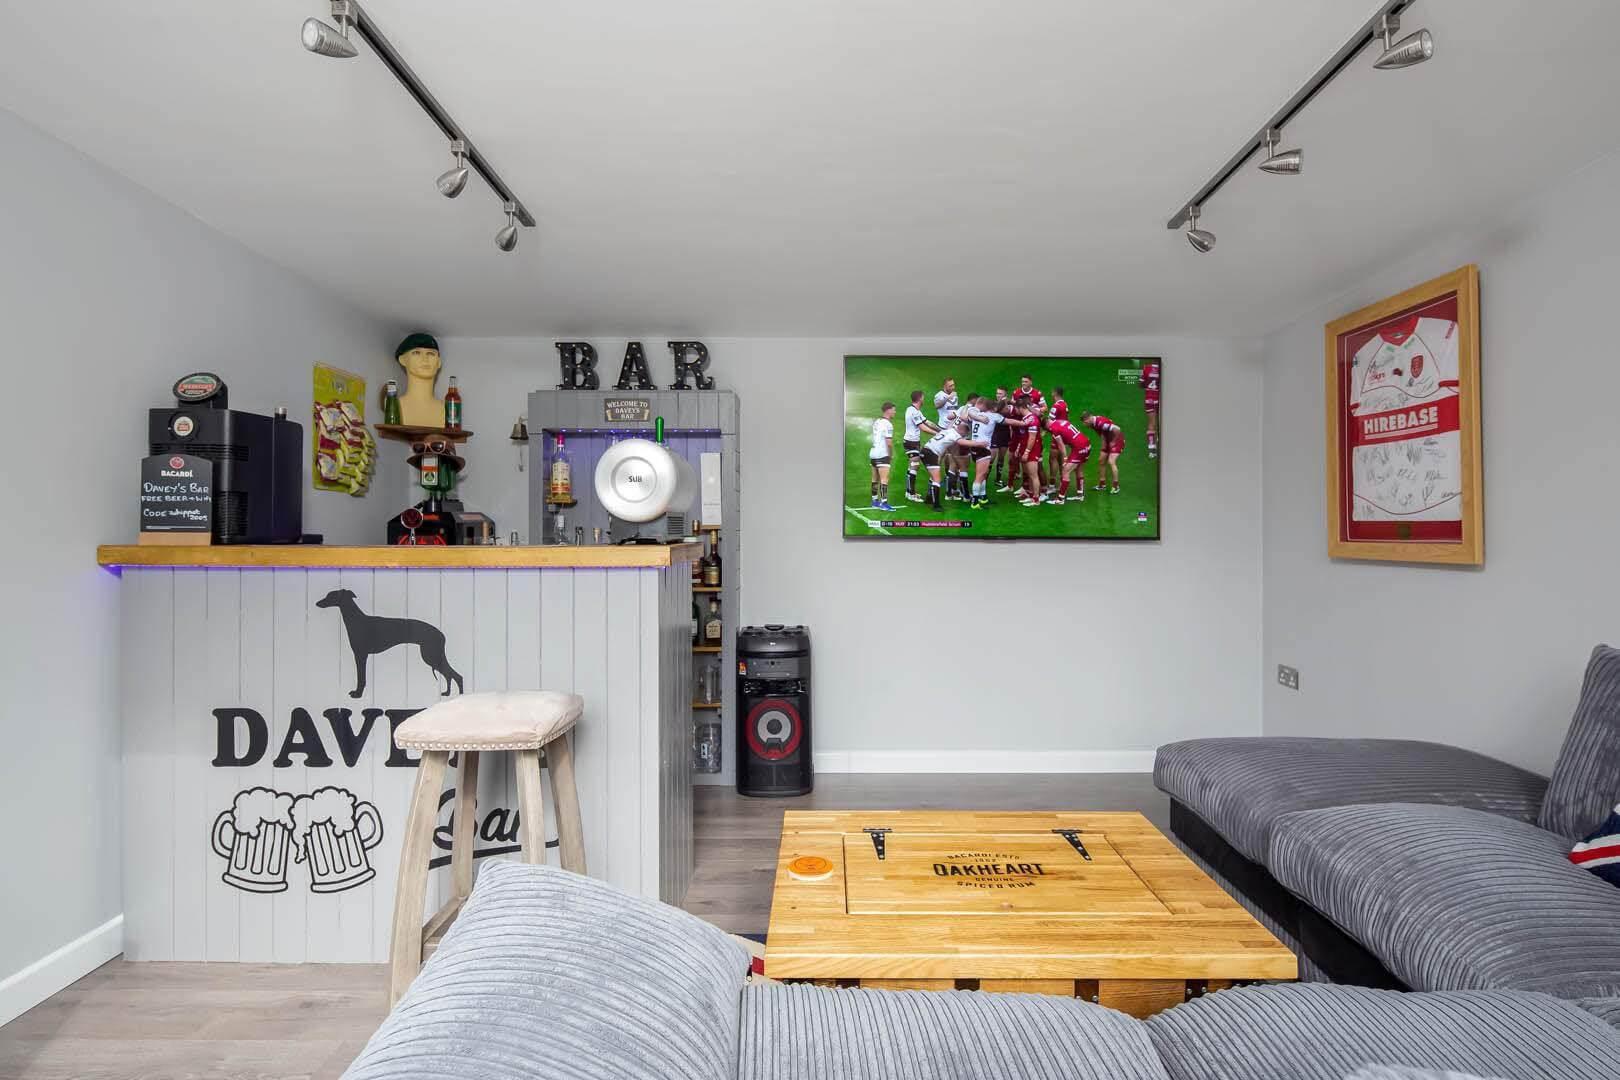 garden bar interior with bar and tv